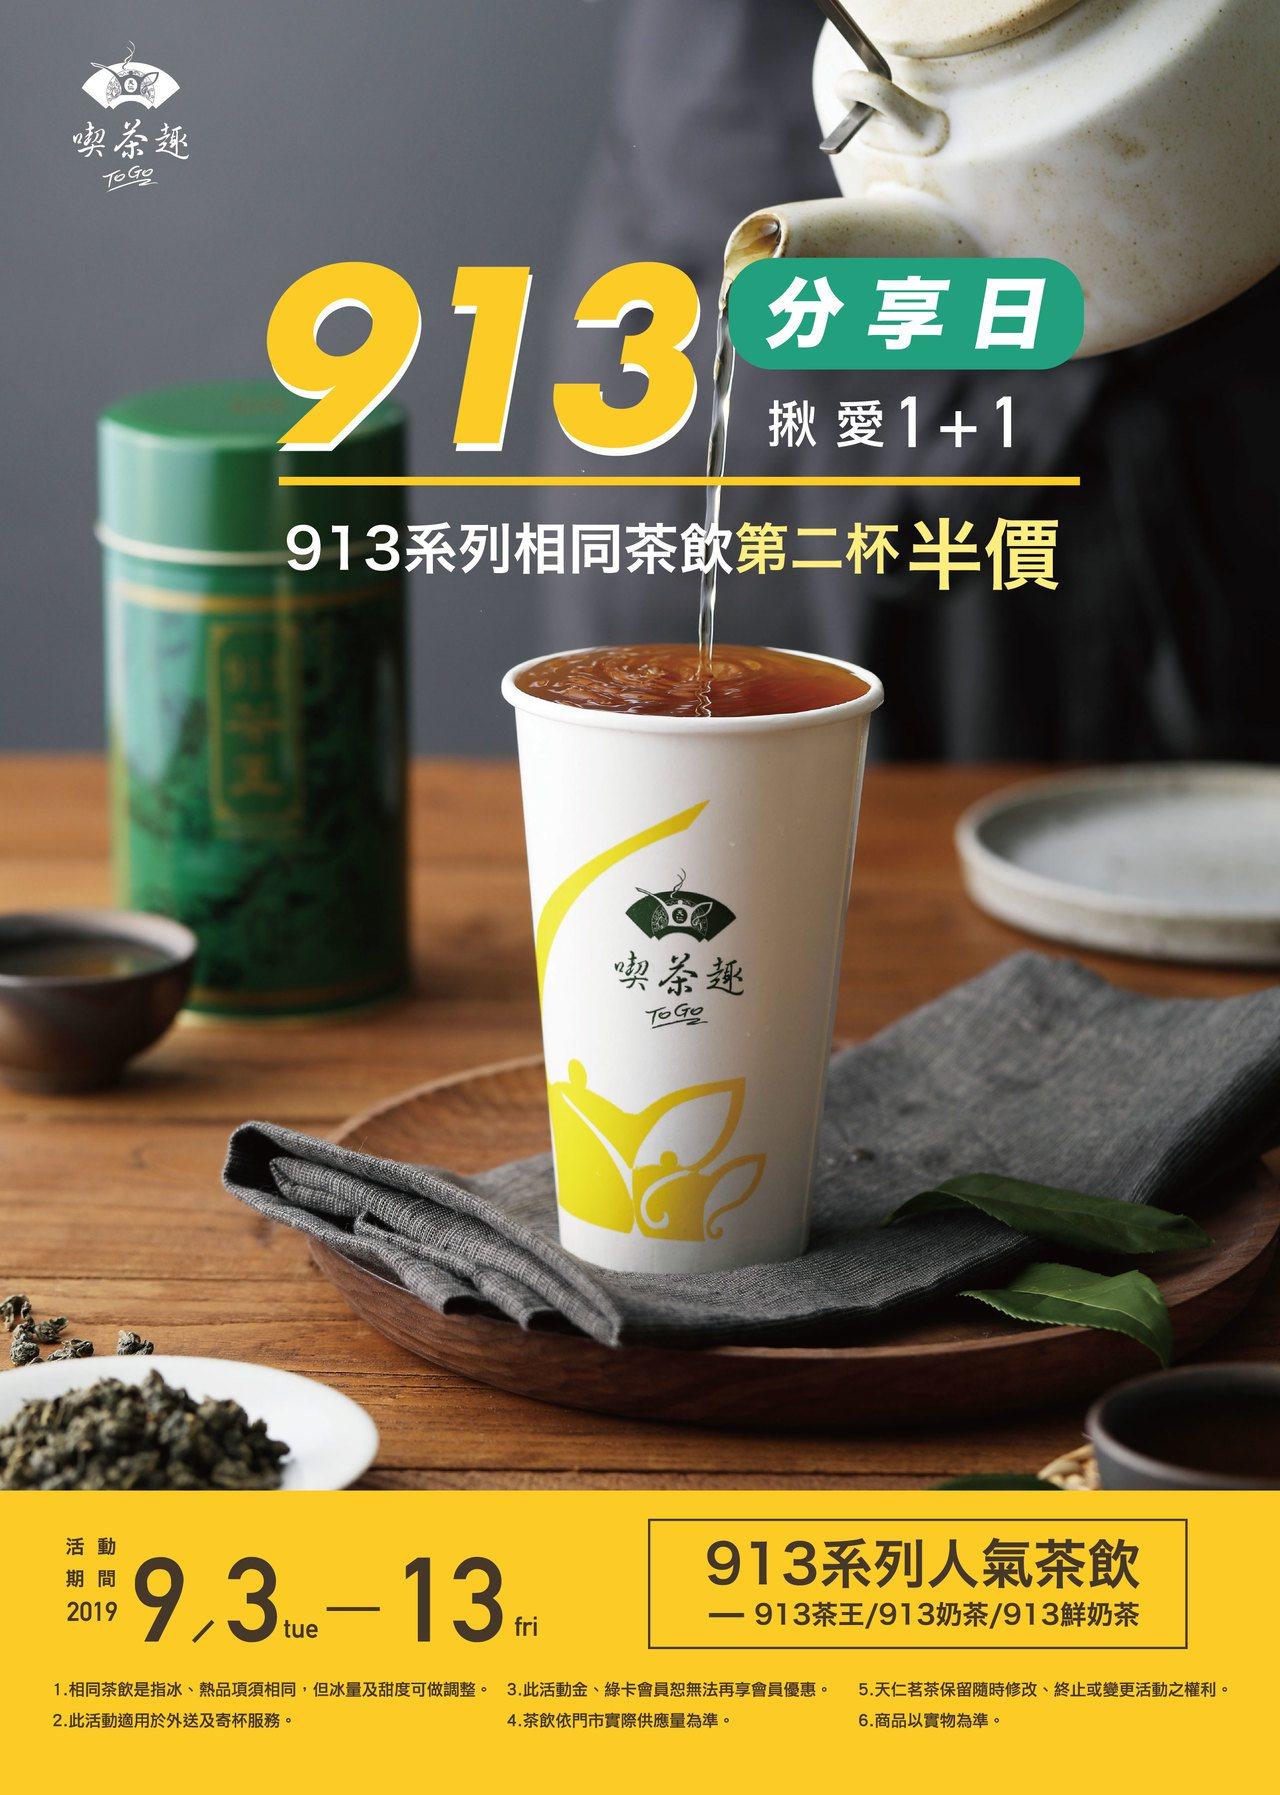 圖/天仁茗茶 提供